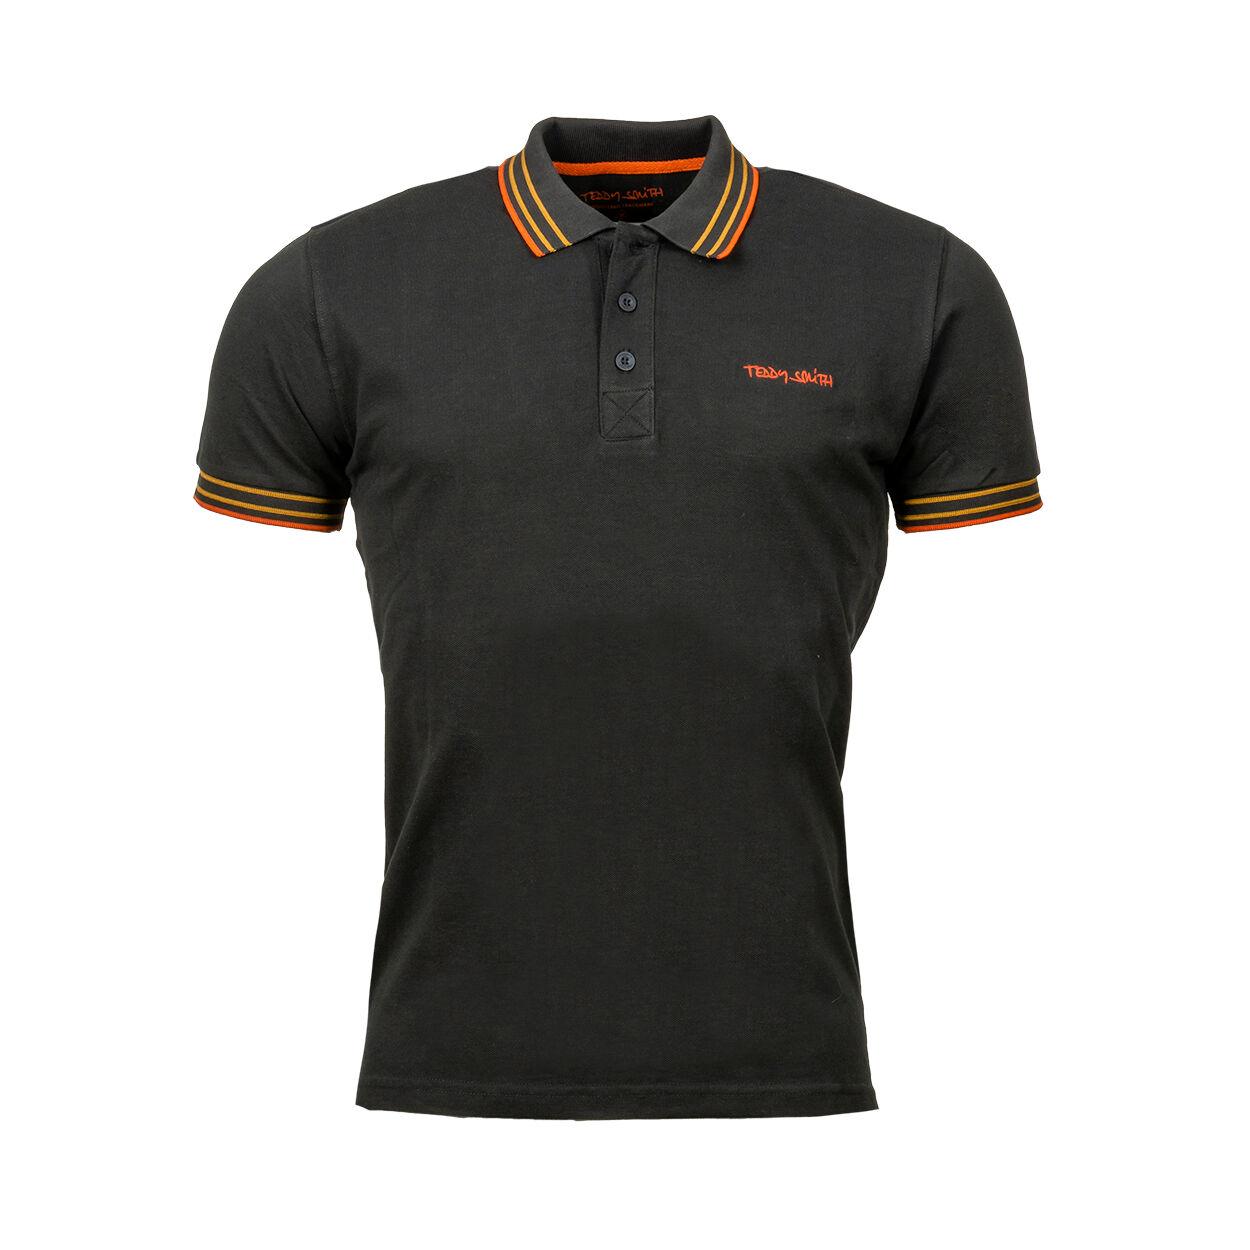 Teddy Smith Polo à manches courtes Teddy Smith Pasian en coton noir charbon à détails orange - Noir charbon - XL